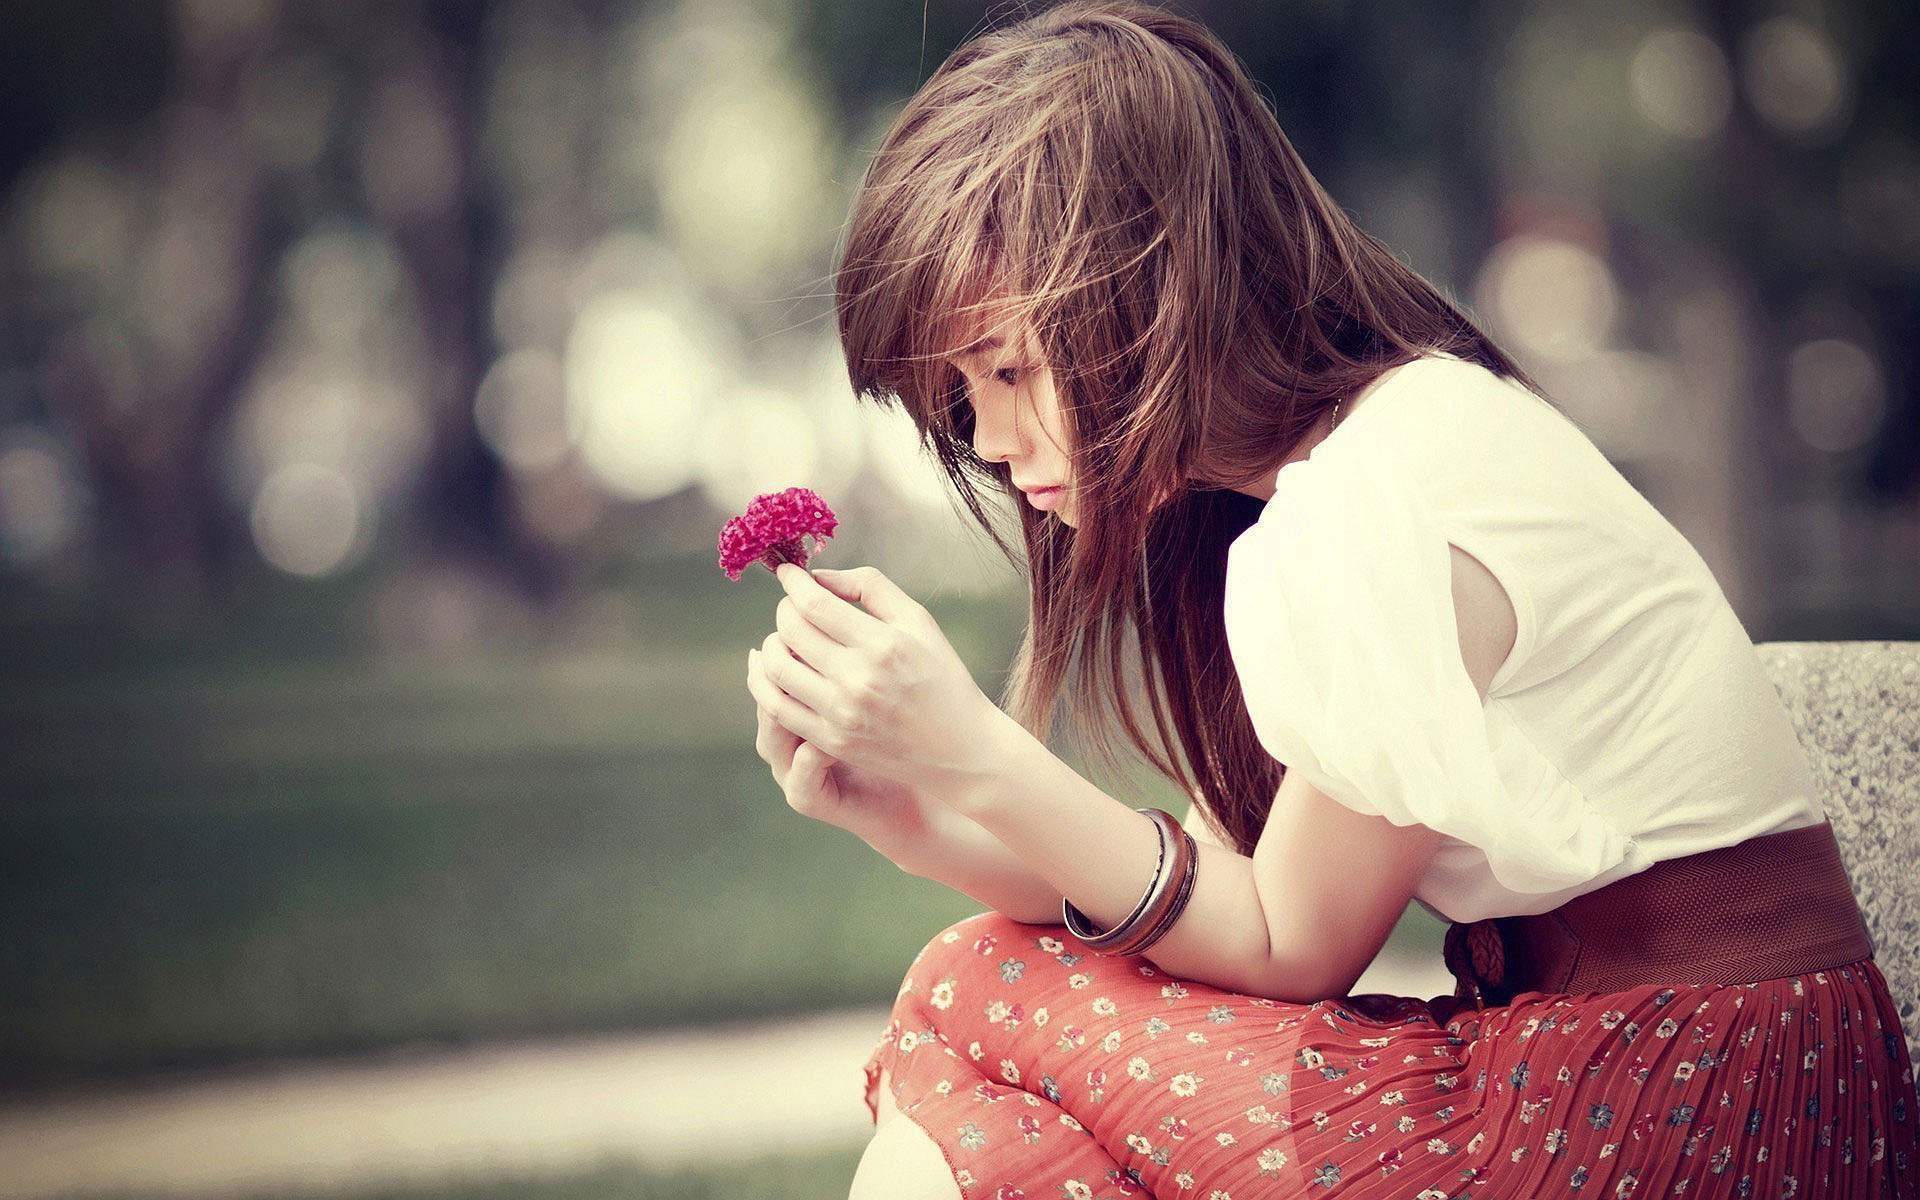 chờ đợi trong tình yêu, khắc khoải chờ đợi, không còn yêu, lý do không hợp, chia tay, níu kéo tình yêu, cửa sổ tình yêu